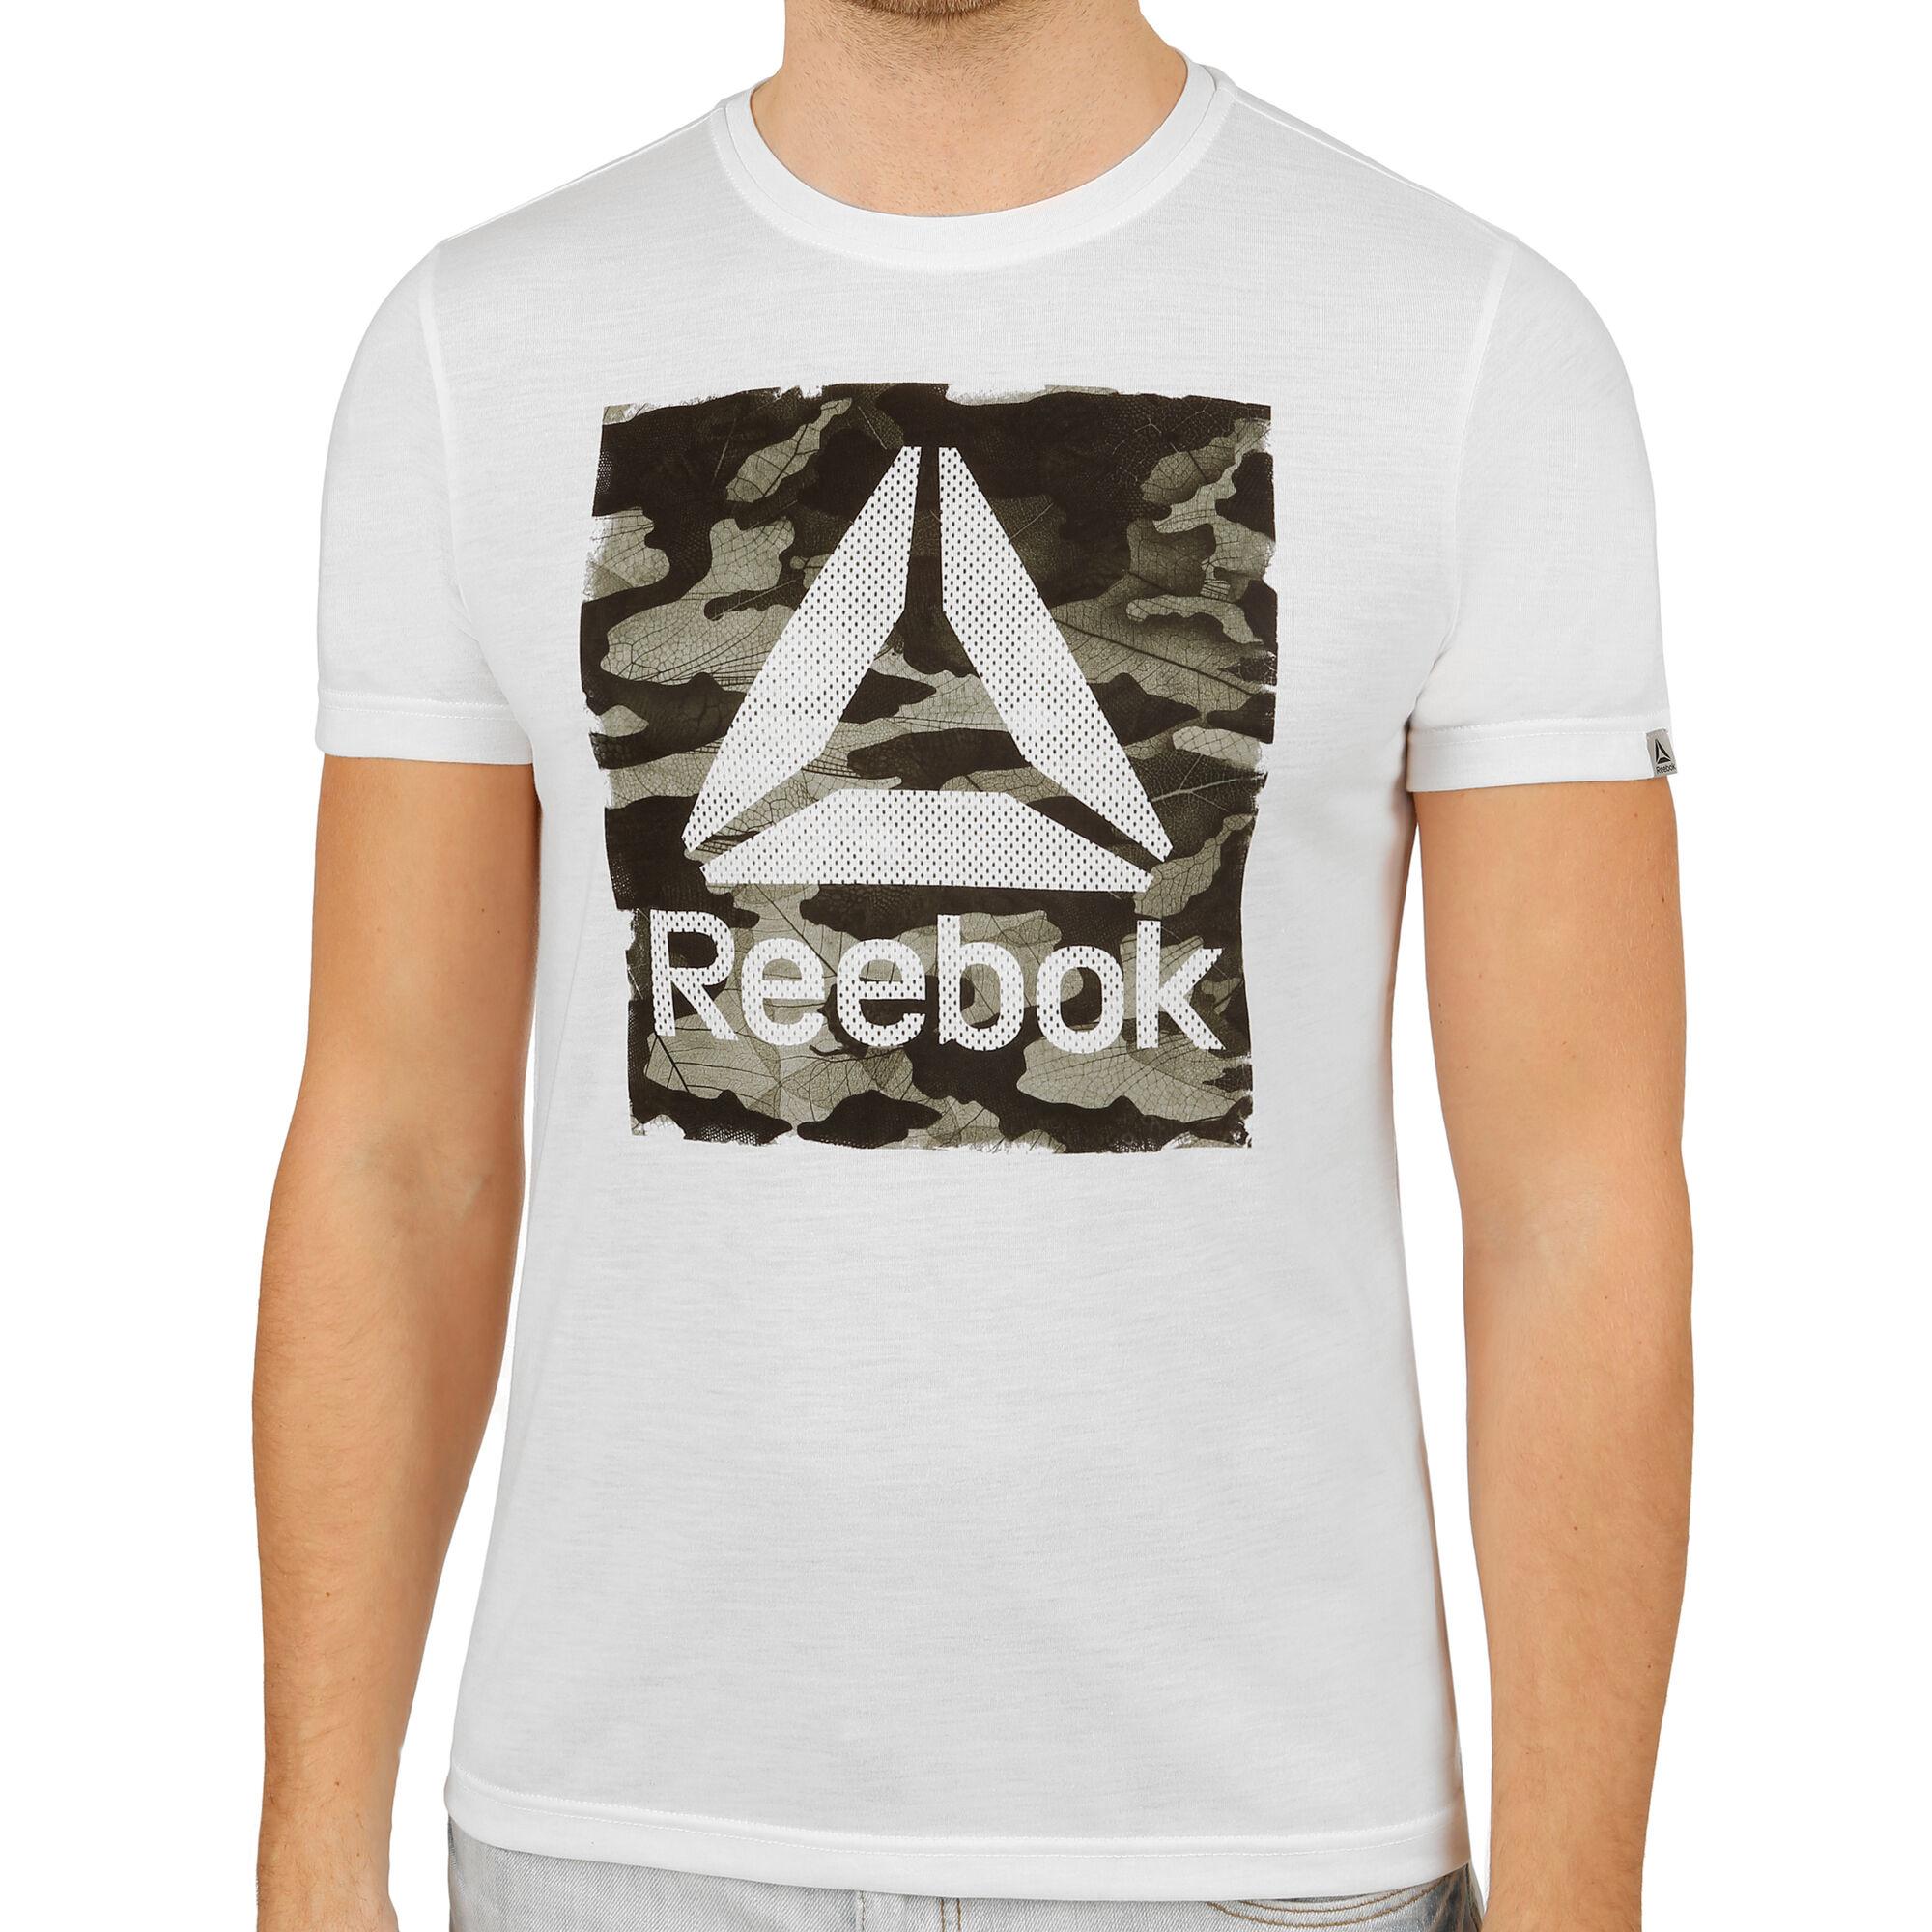 72846d4e3a6 Reebok · Reebok · Reebok · Reebok · Reebok · Reebok · Reebok · Reebok ·  Reebok · Reebok · Reebok. Camo Delta Speedwick Crew ...